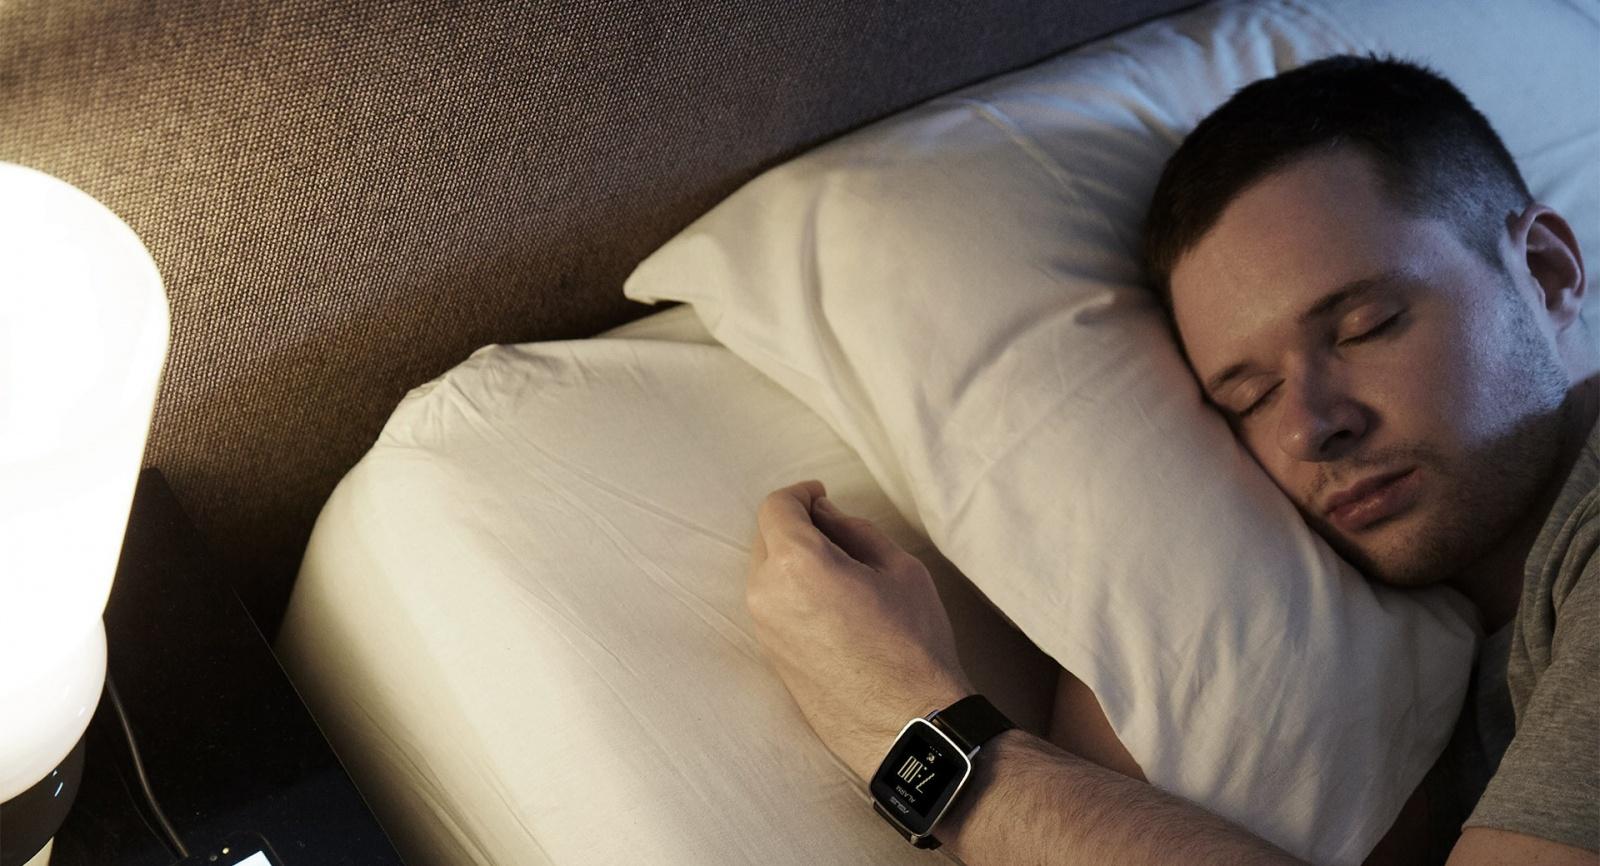 Сон в руку: гаджеты, которые помогут приручить сон - 7